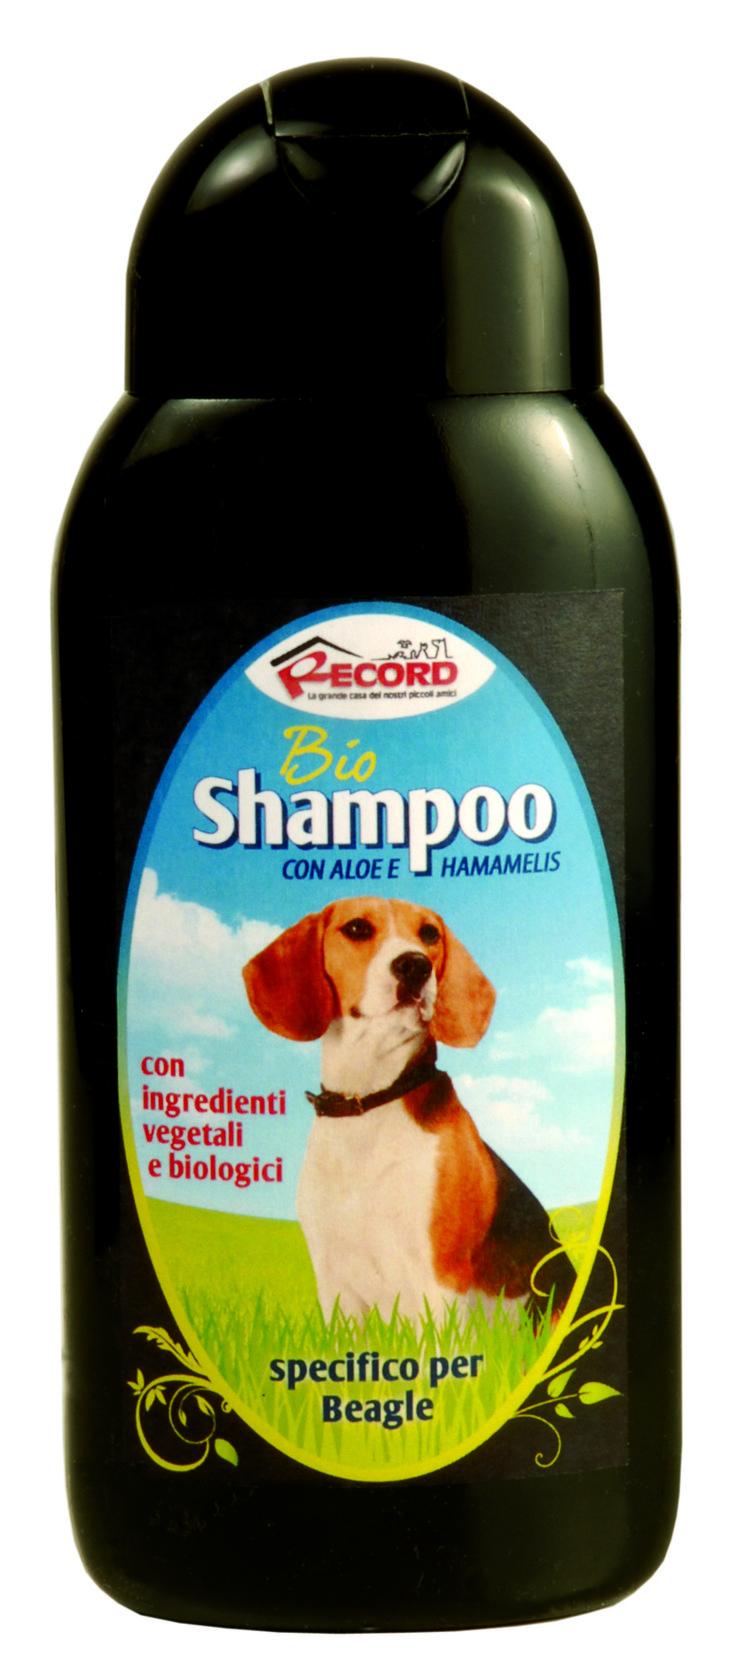 #Bio #shampoo specifico per #cani #Beagle, by Record. www.recordit.com